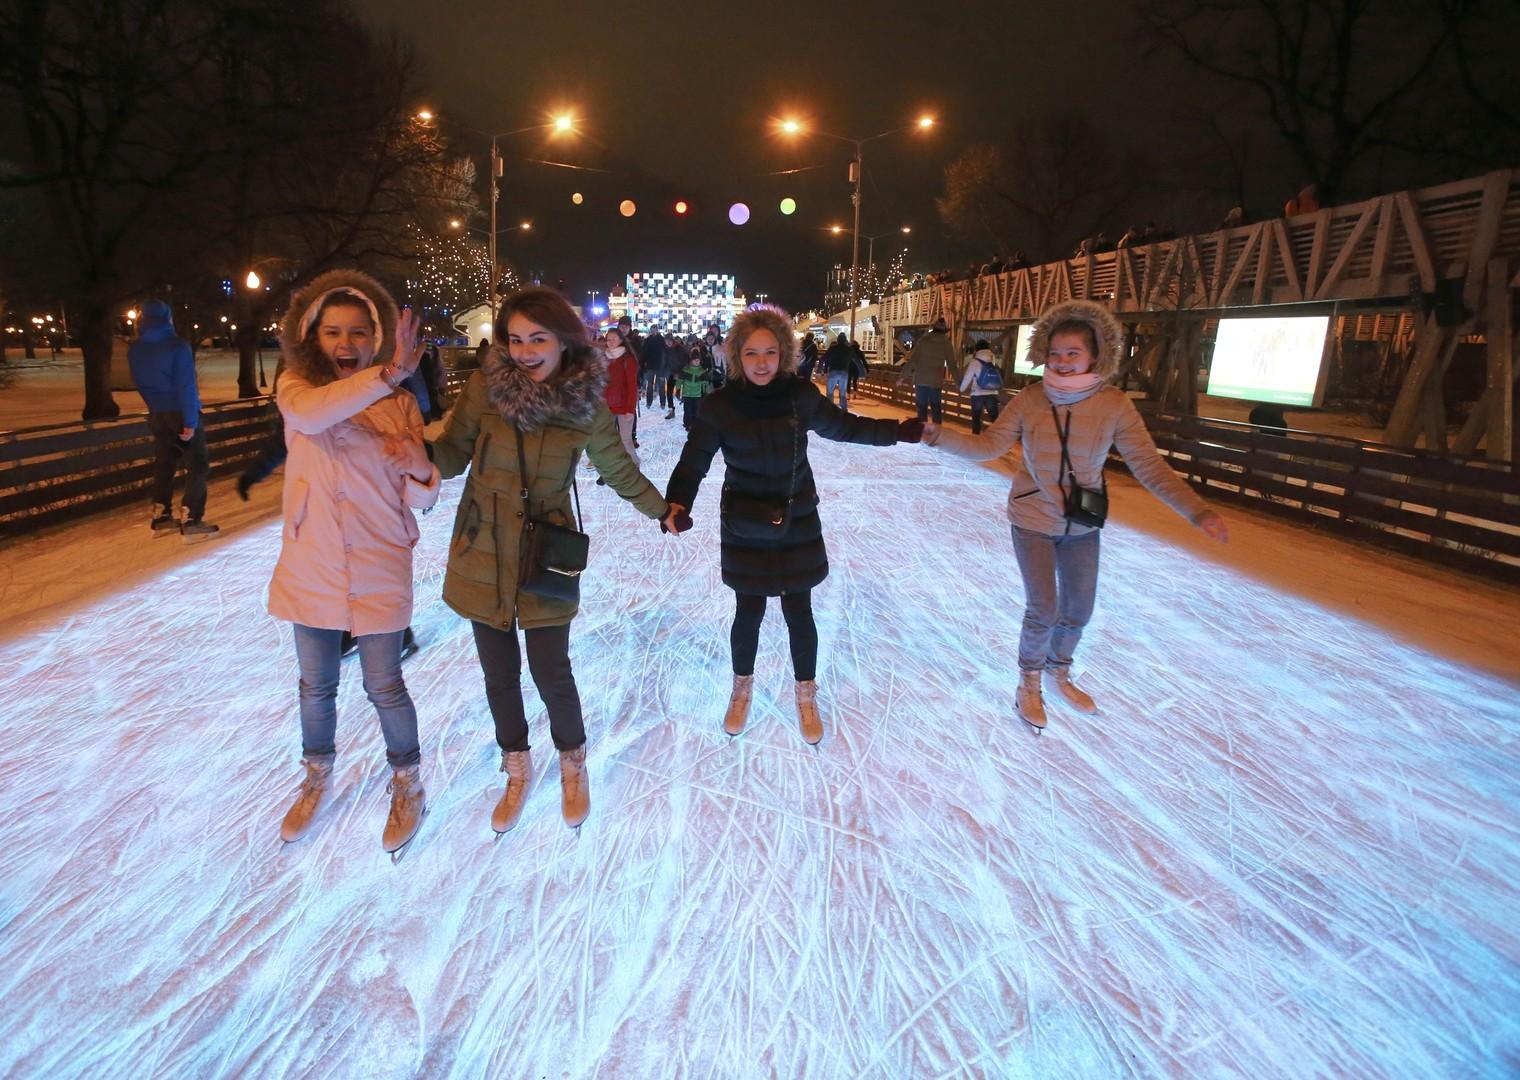 Besucher auf der Eislaufbahn im Gorki-Park, Moskau